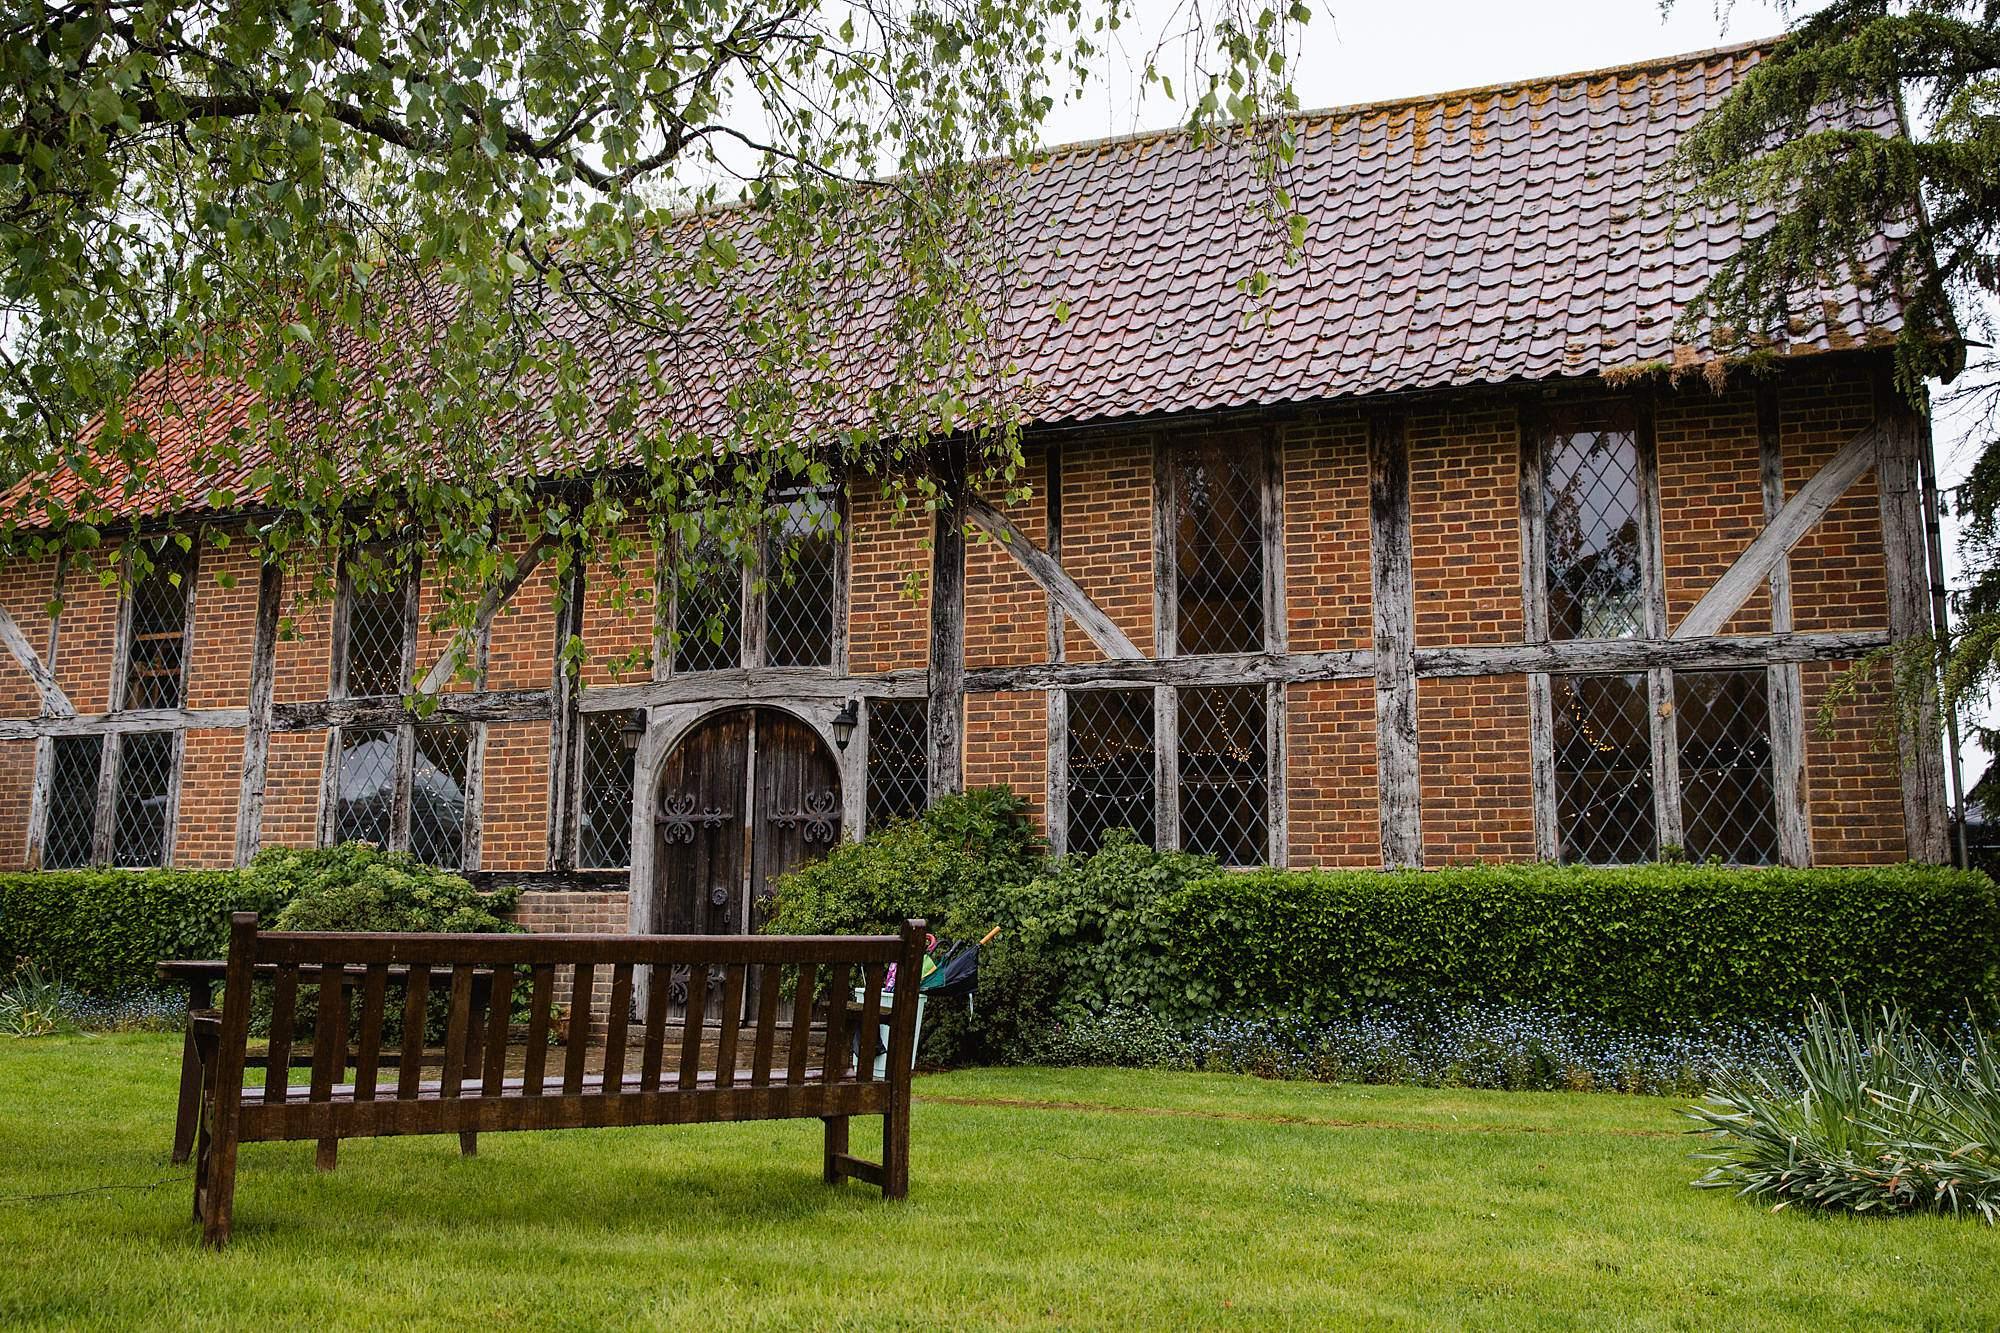 norwood Farm wedding venue barn